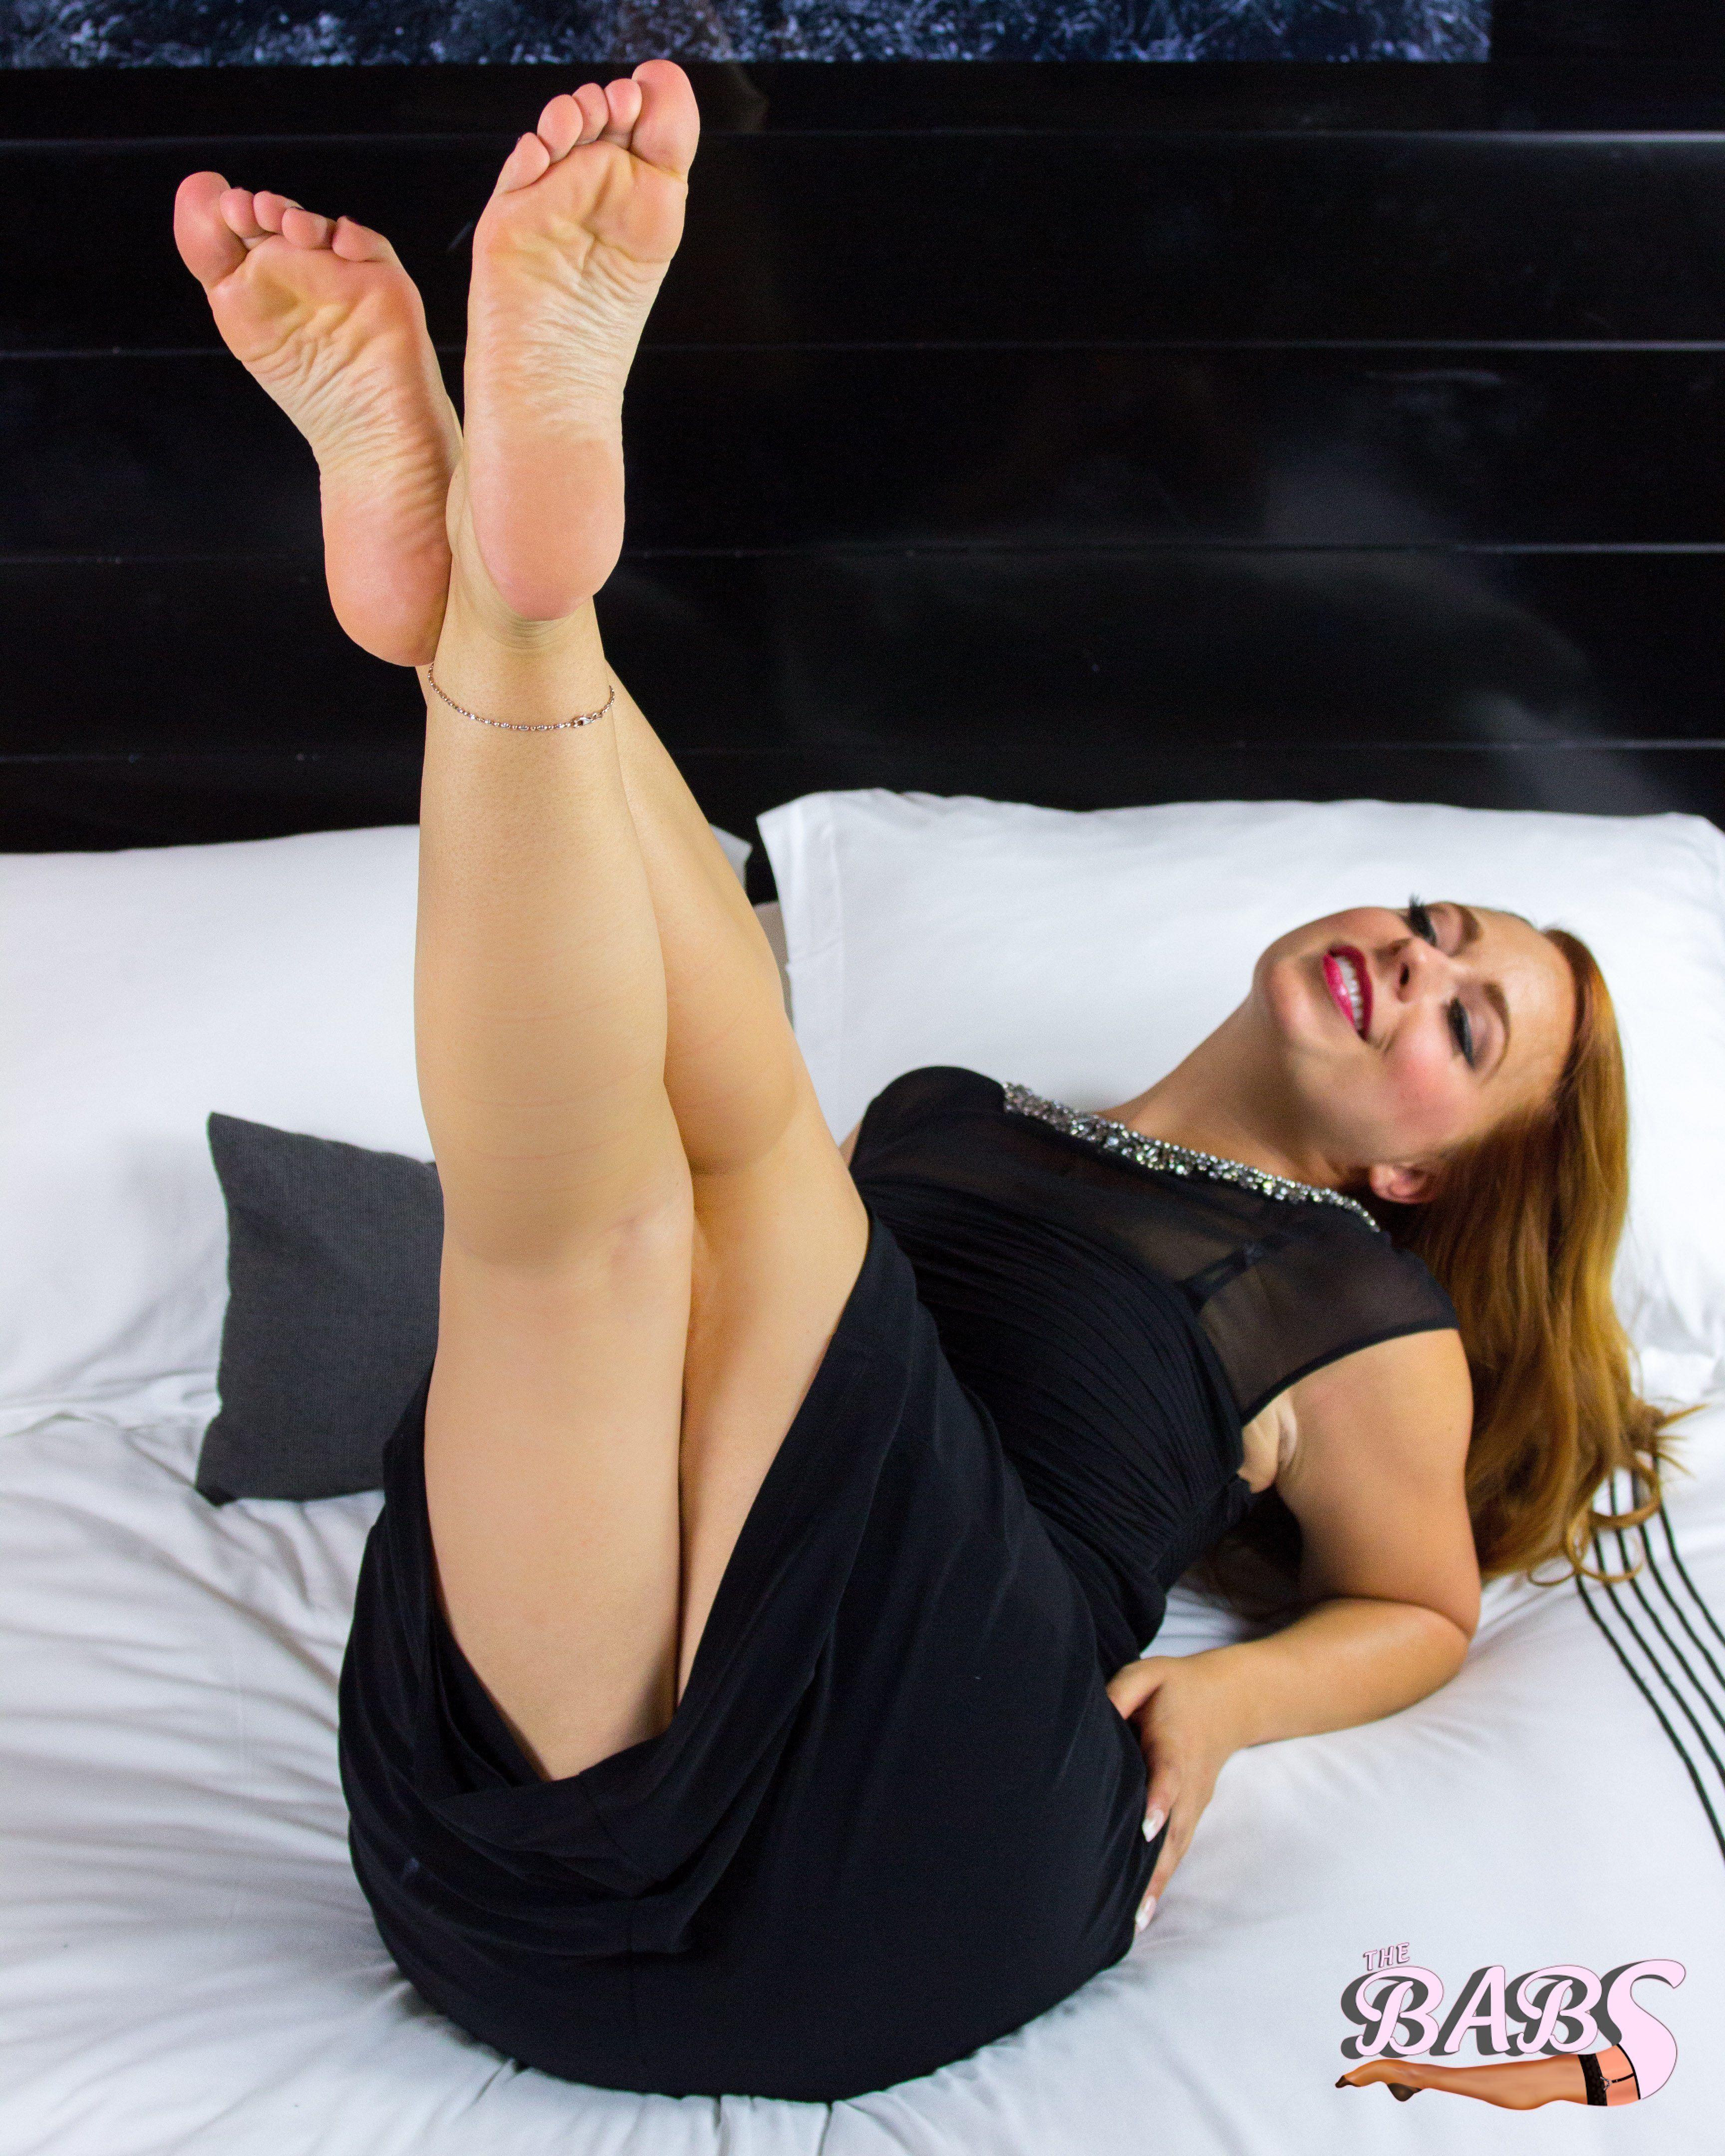 Показа ножки видео, бондаж новое порно